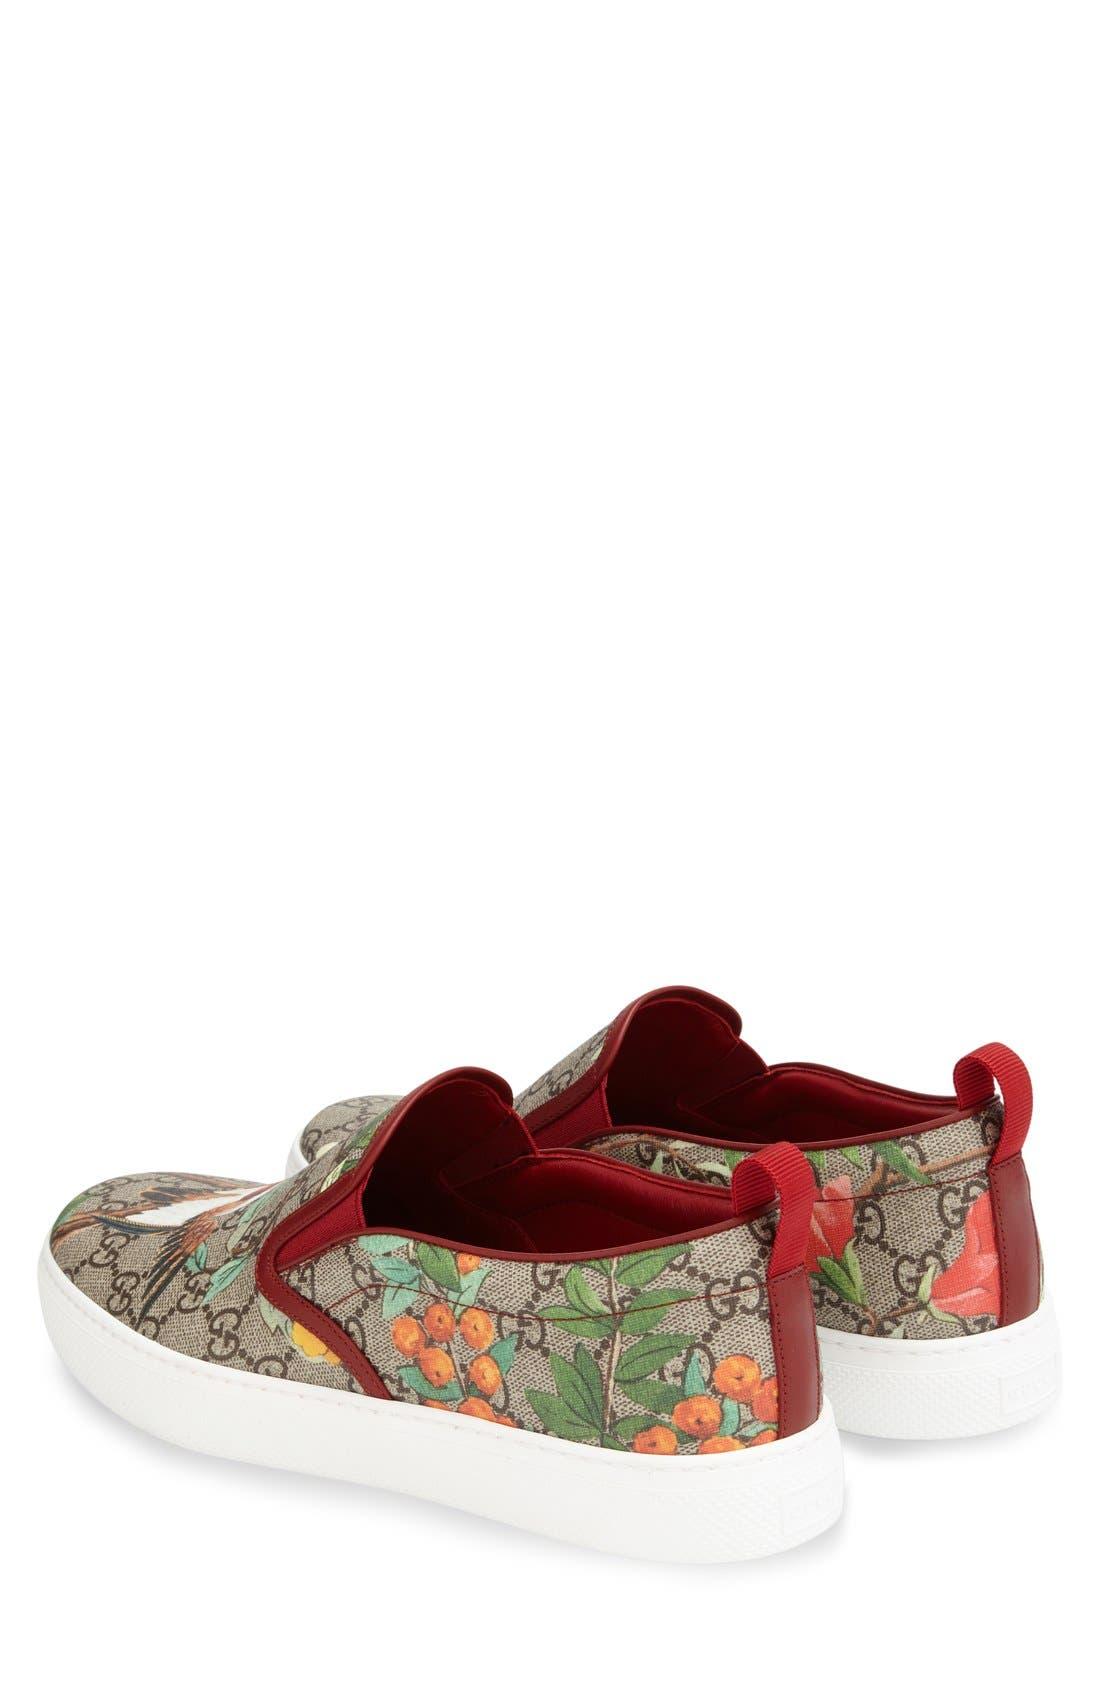 Dublin Slip-On Sneaker,                             Alternate thumbnail 26, color,